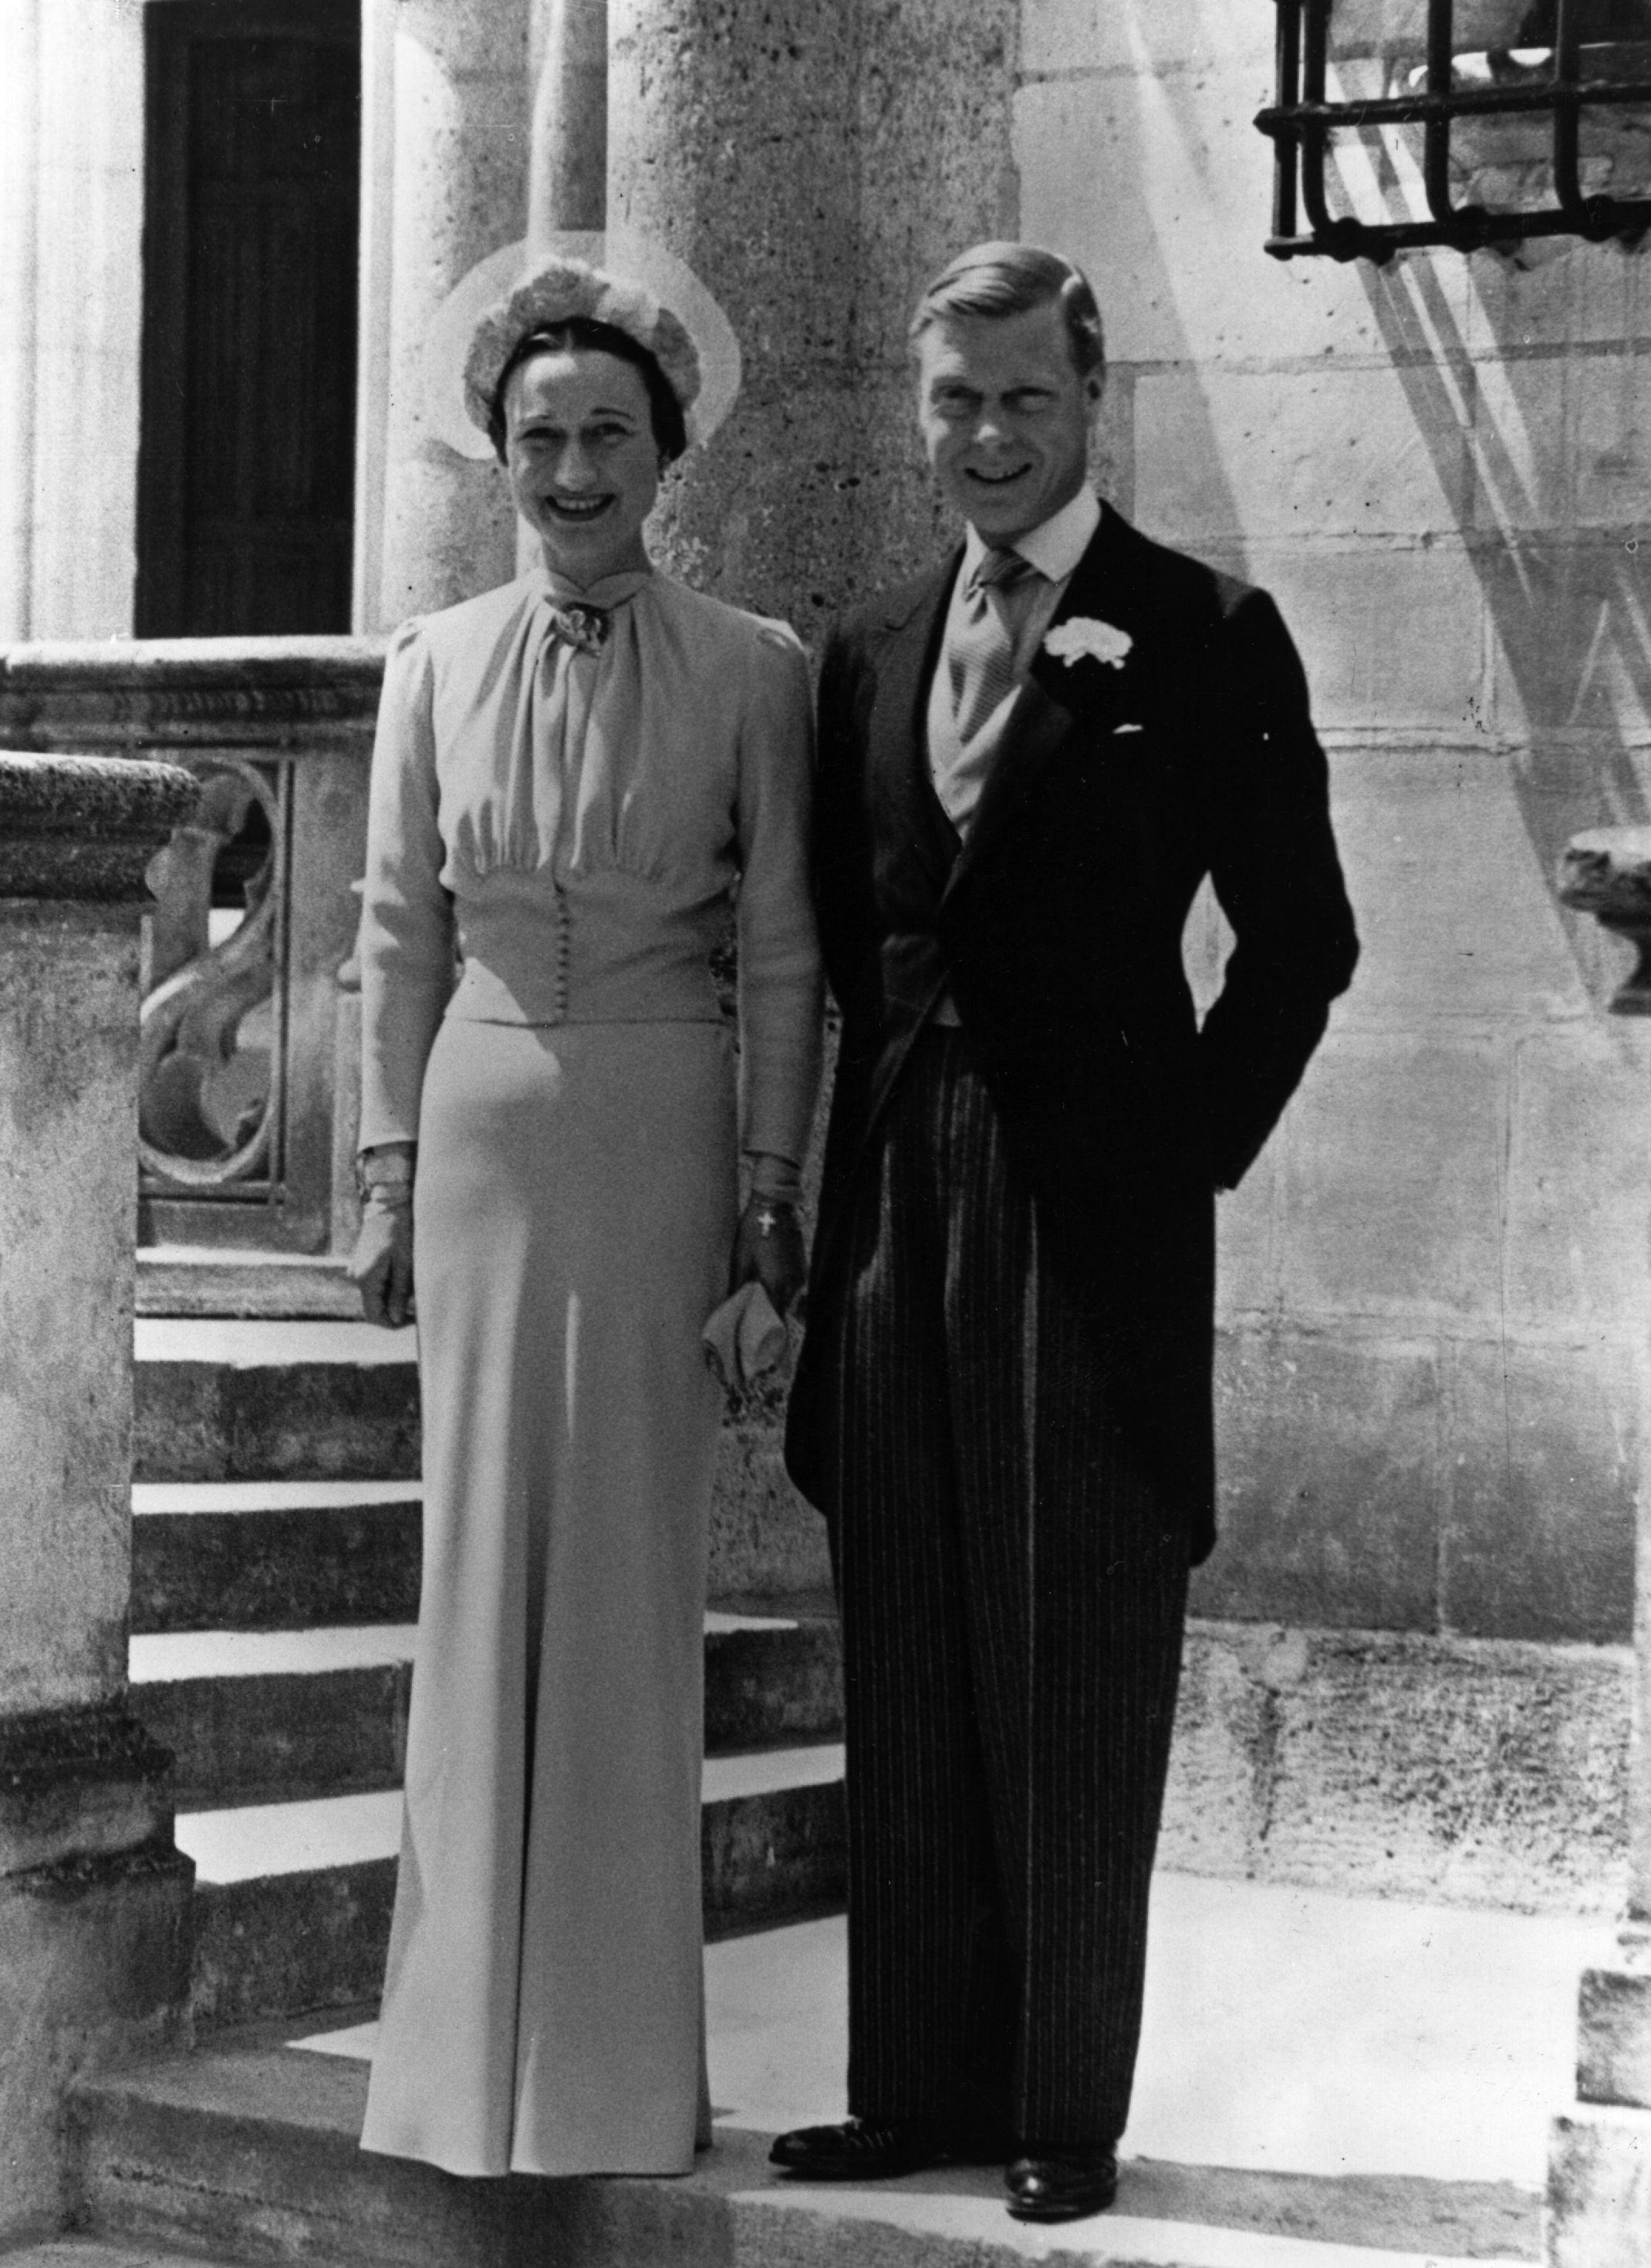 Тя се запознава с Ърнест Алдрик Симпсън - заможен мъж. През 1928 г. се женят. Младата двойка се мести в Лондон. Социалният им живот е препълнен от различни събития и шумни партита. Именно в Лондон става първата среща между Уолис и младия красив принц Едуард - престолонаследникът. Уолис се среща сТелма Фърнес, сестра на близка приятелка на Симпсън. Телма е една от любовниците на Едуард по това време, при това омъжена.